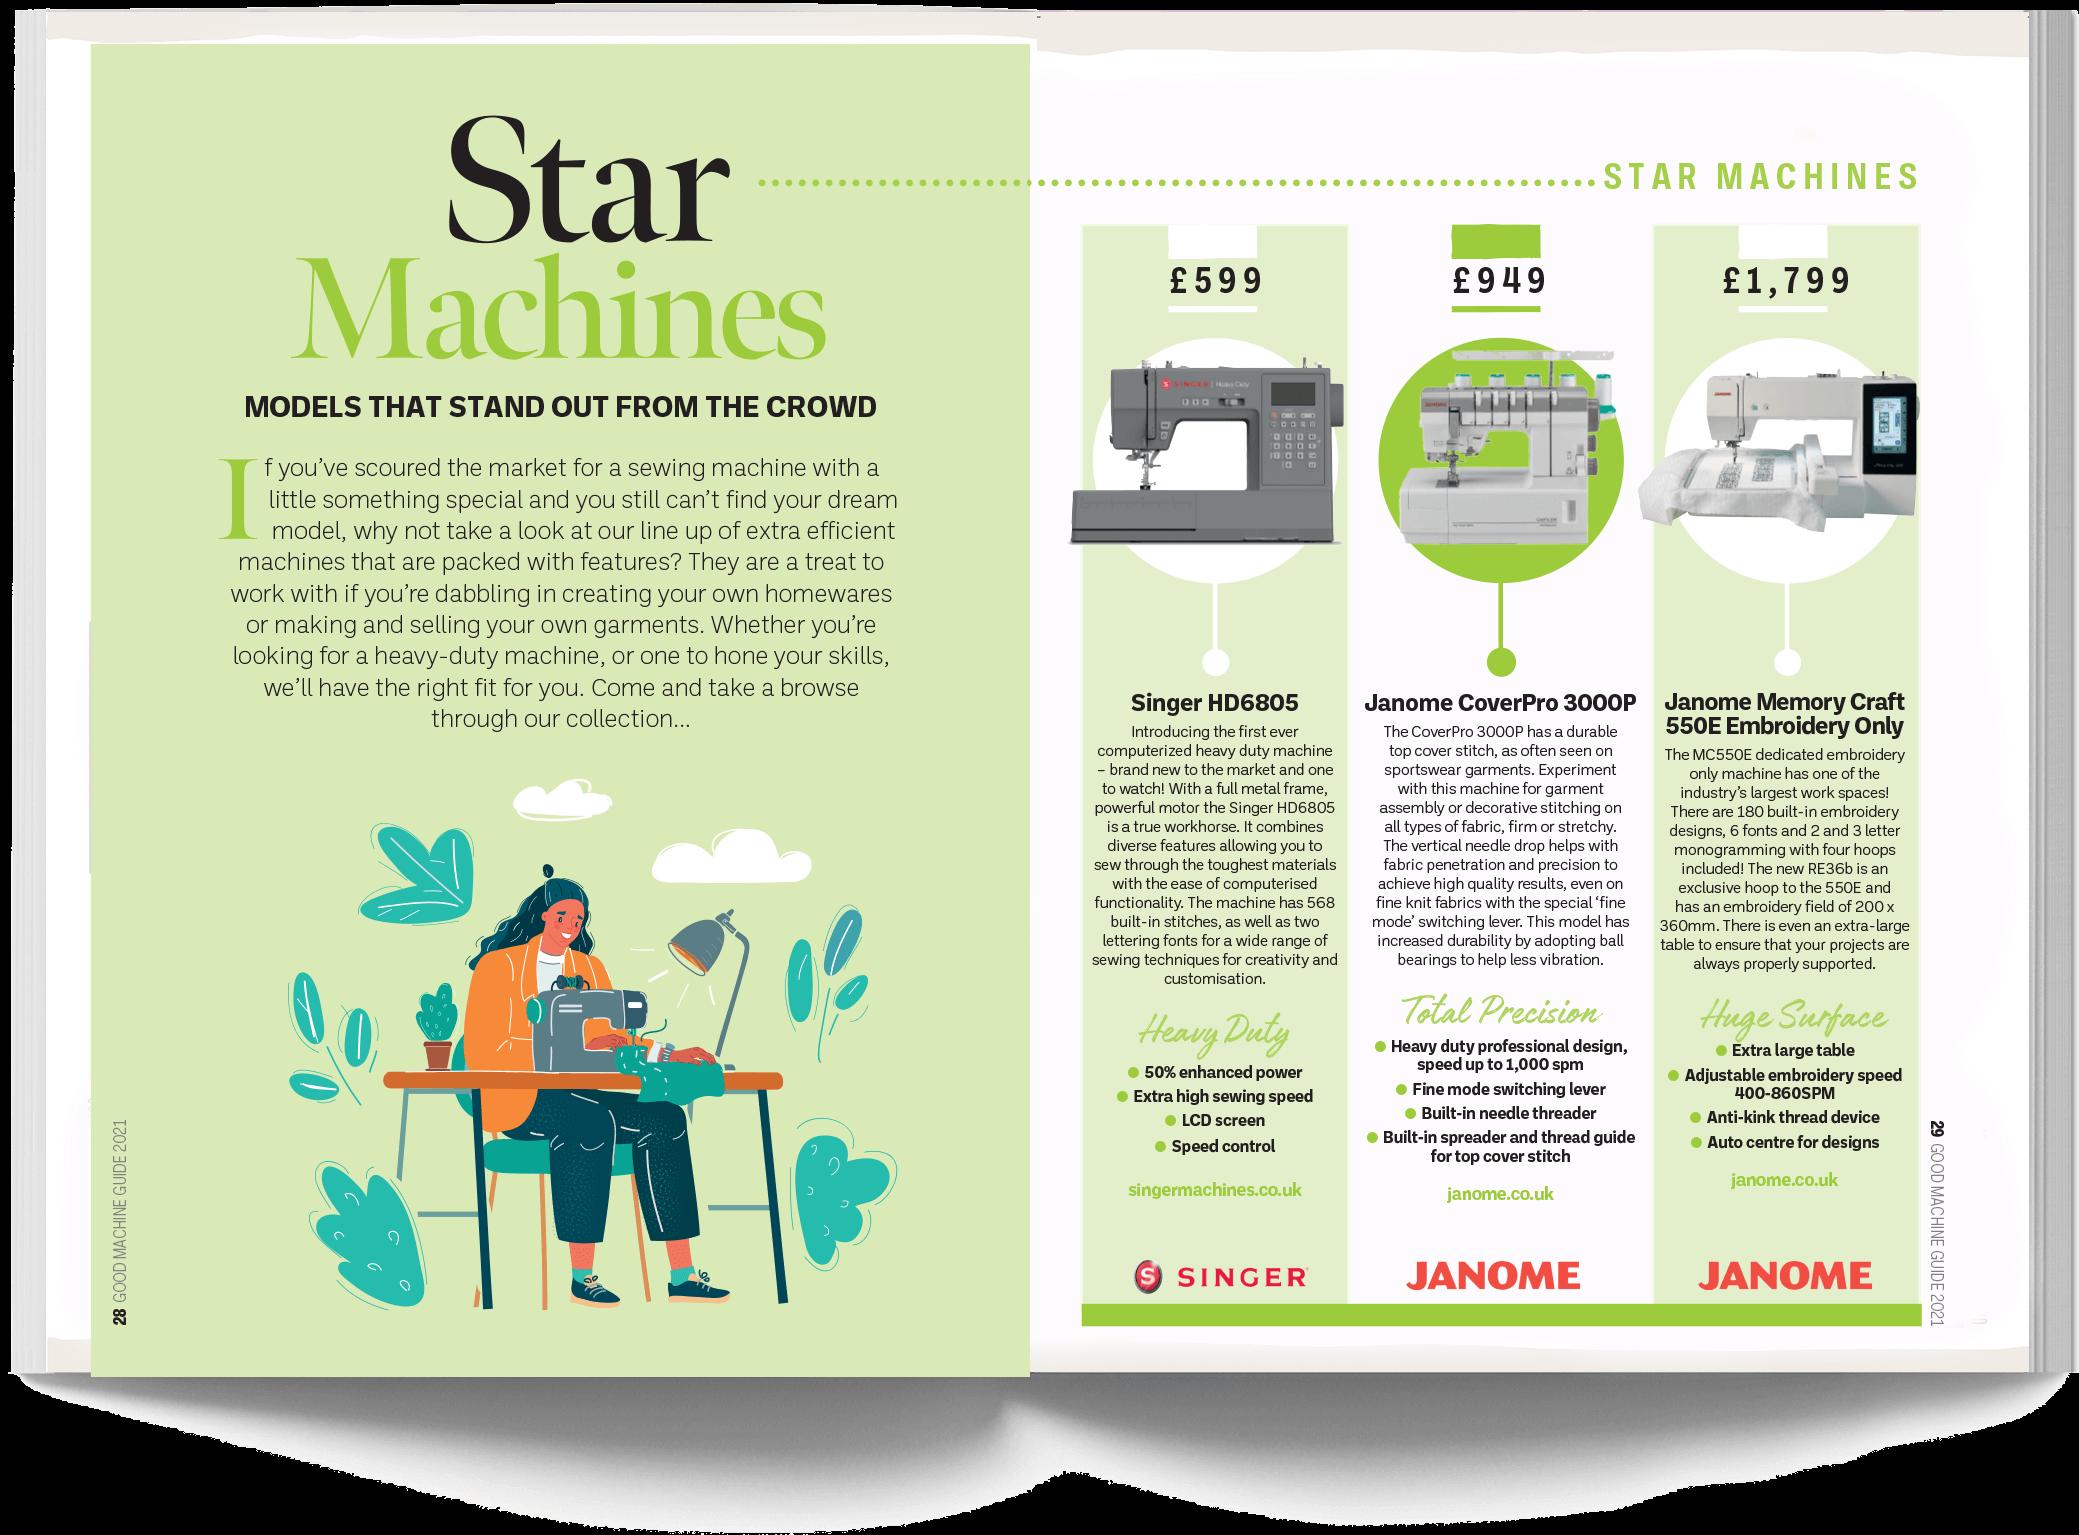 star Machines